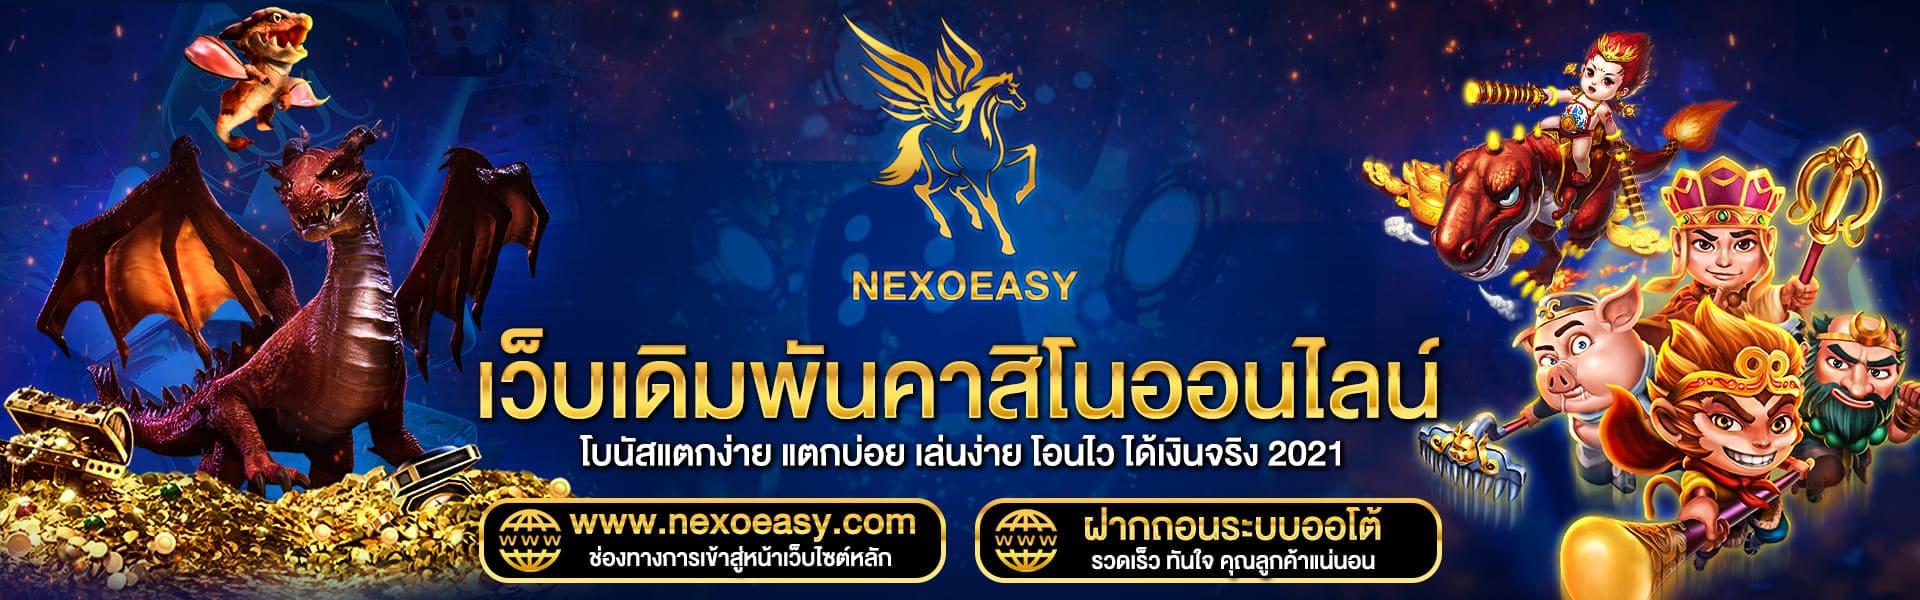 NEXOEASY PC